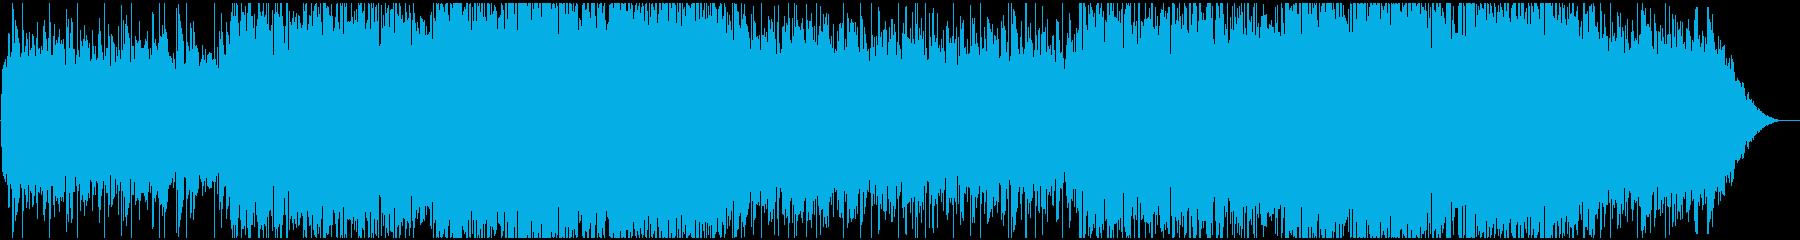 センチメンタルで少し切なげなBGMの再生済みの波形